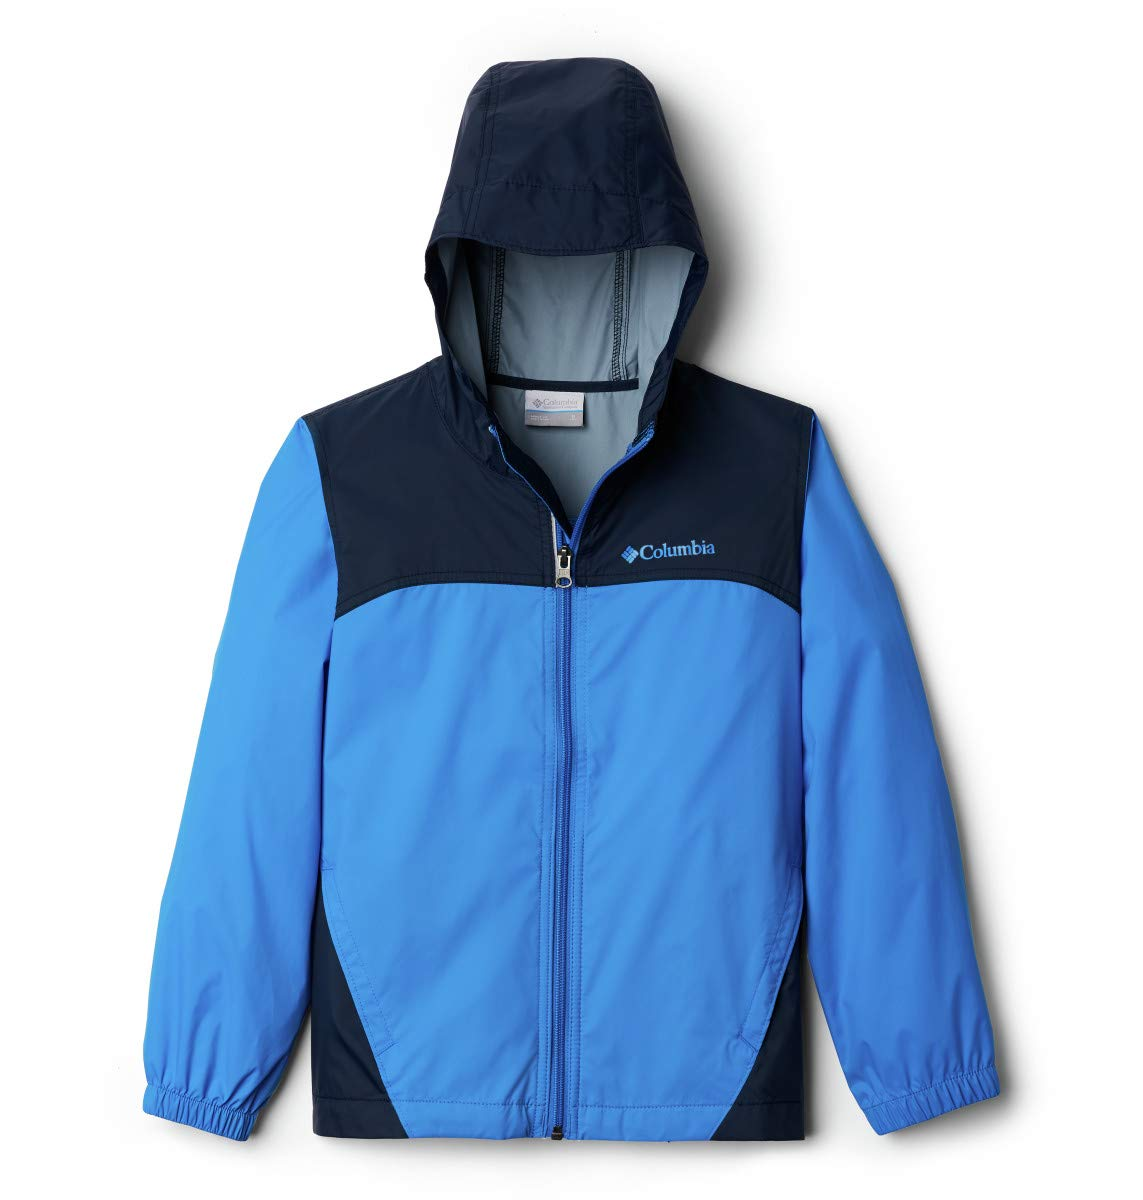 Columbia Glennaker Jacket Hyper Large